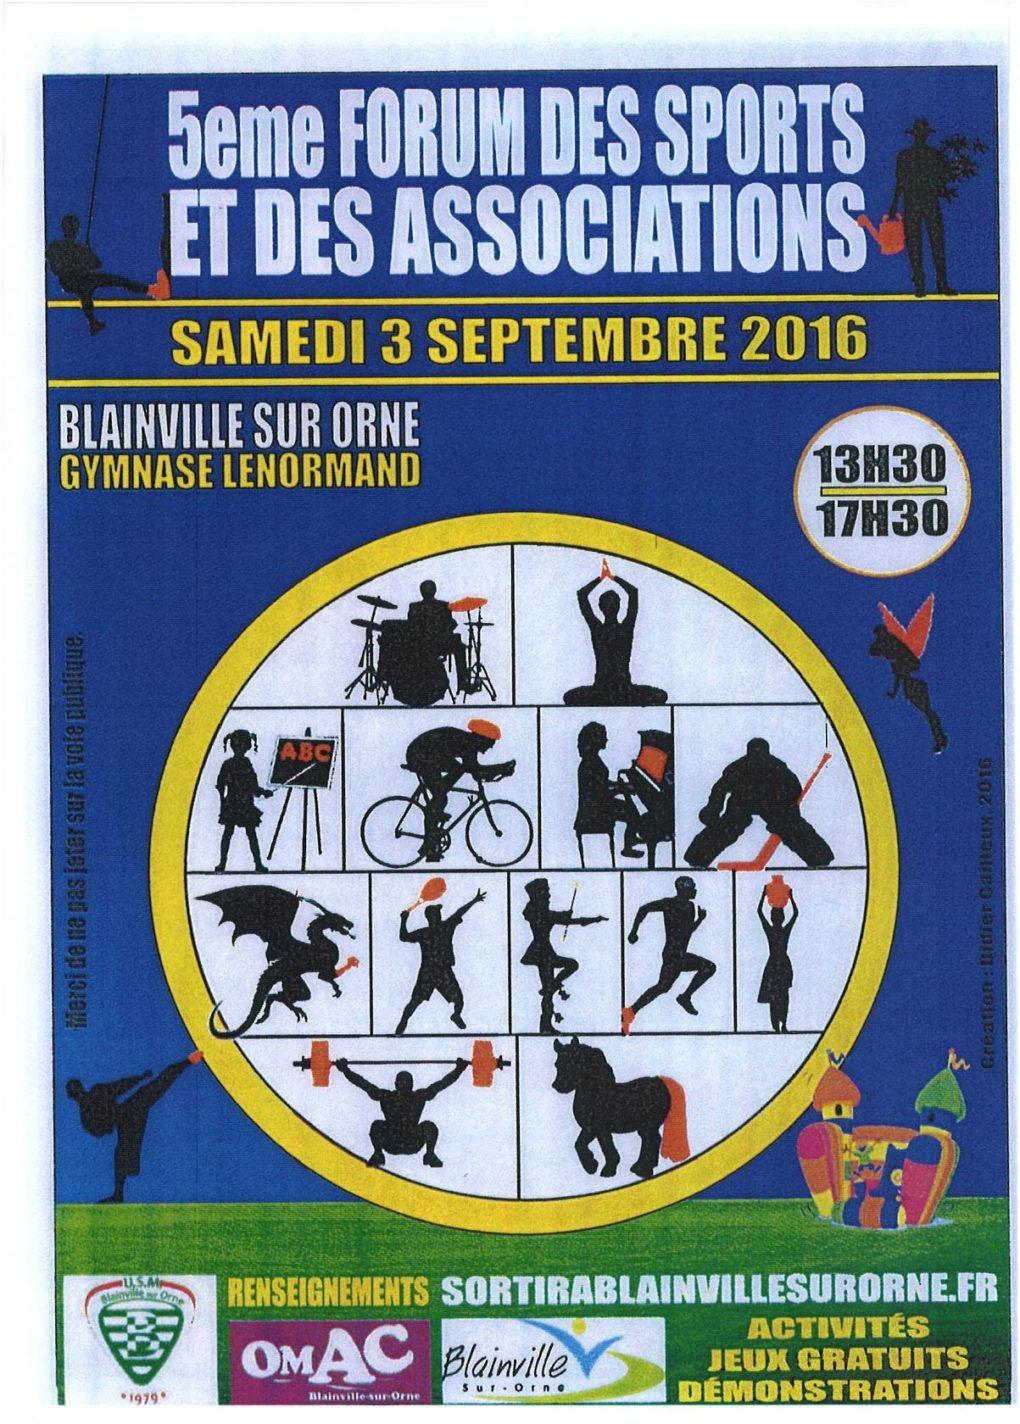 Forum des sports et des associations Blainville-sur-Orne